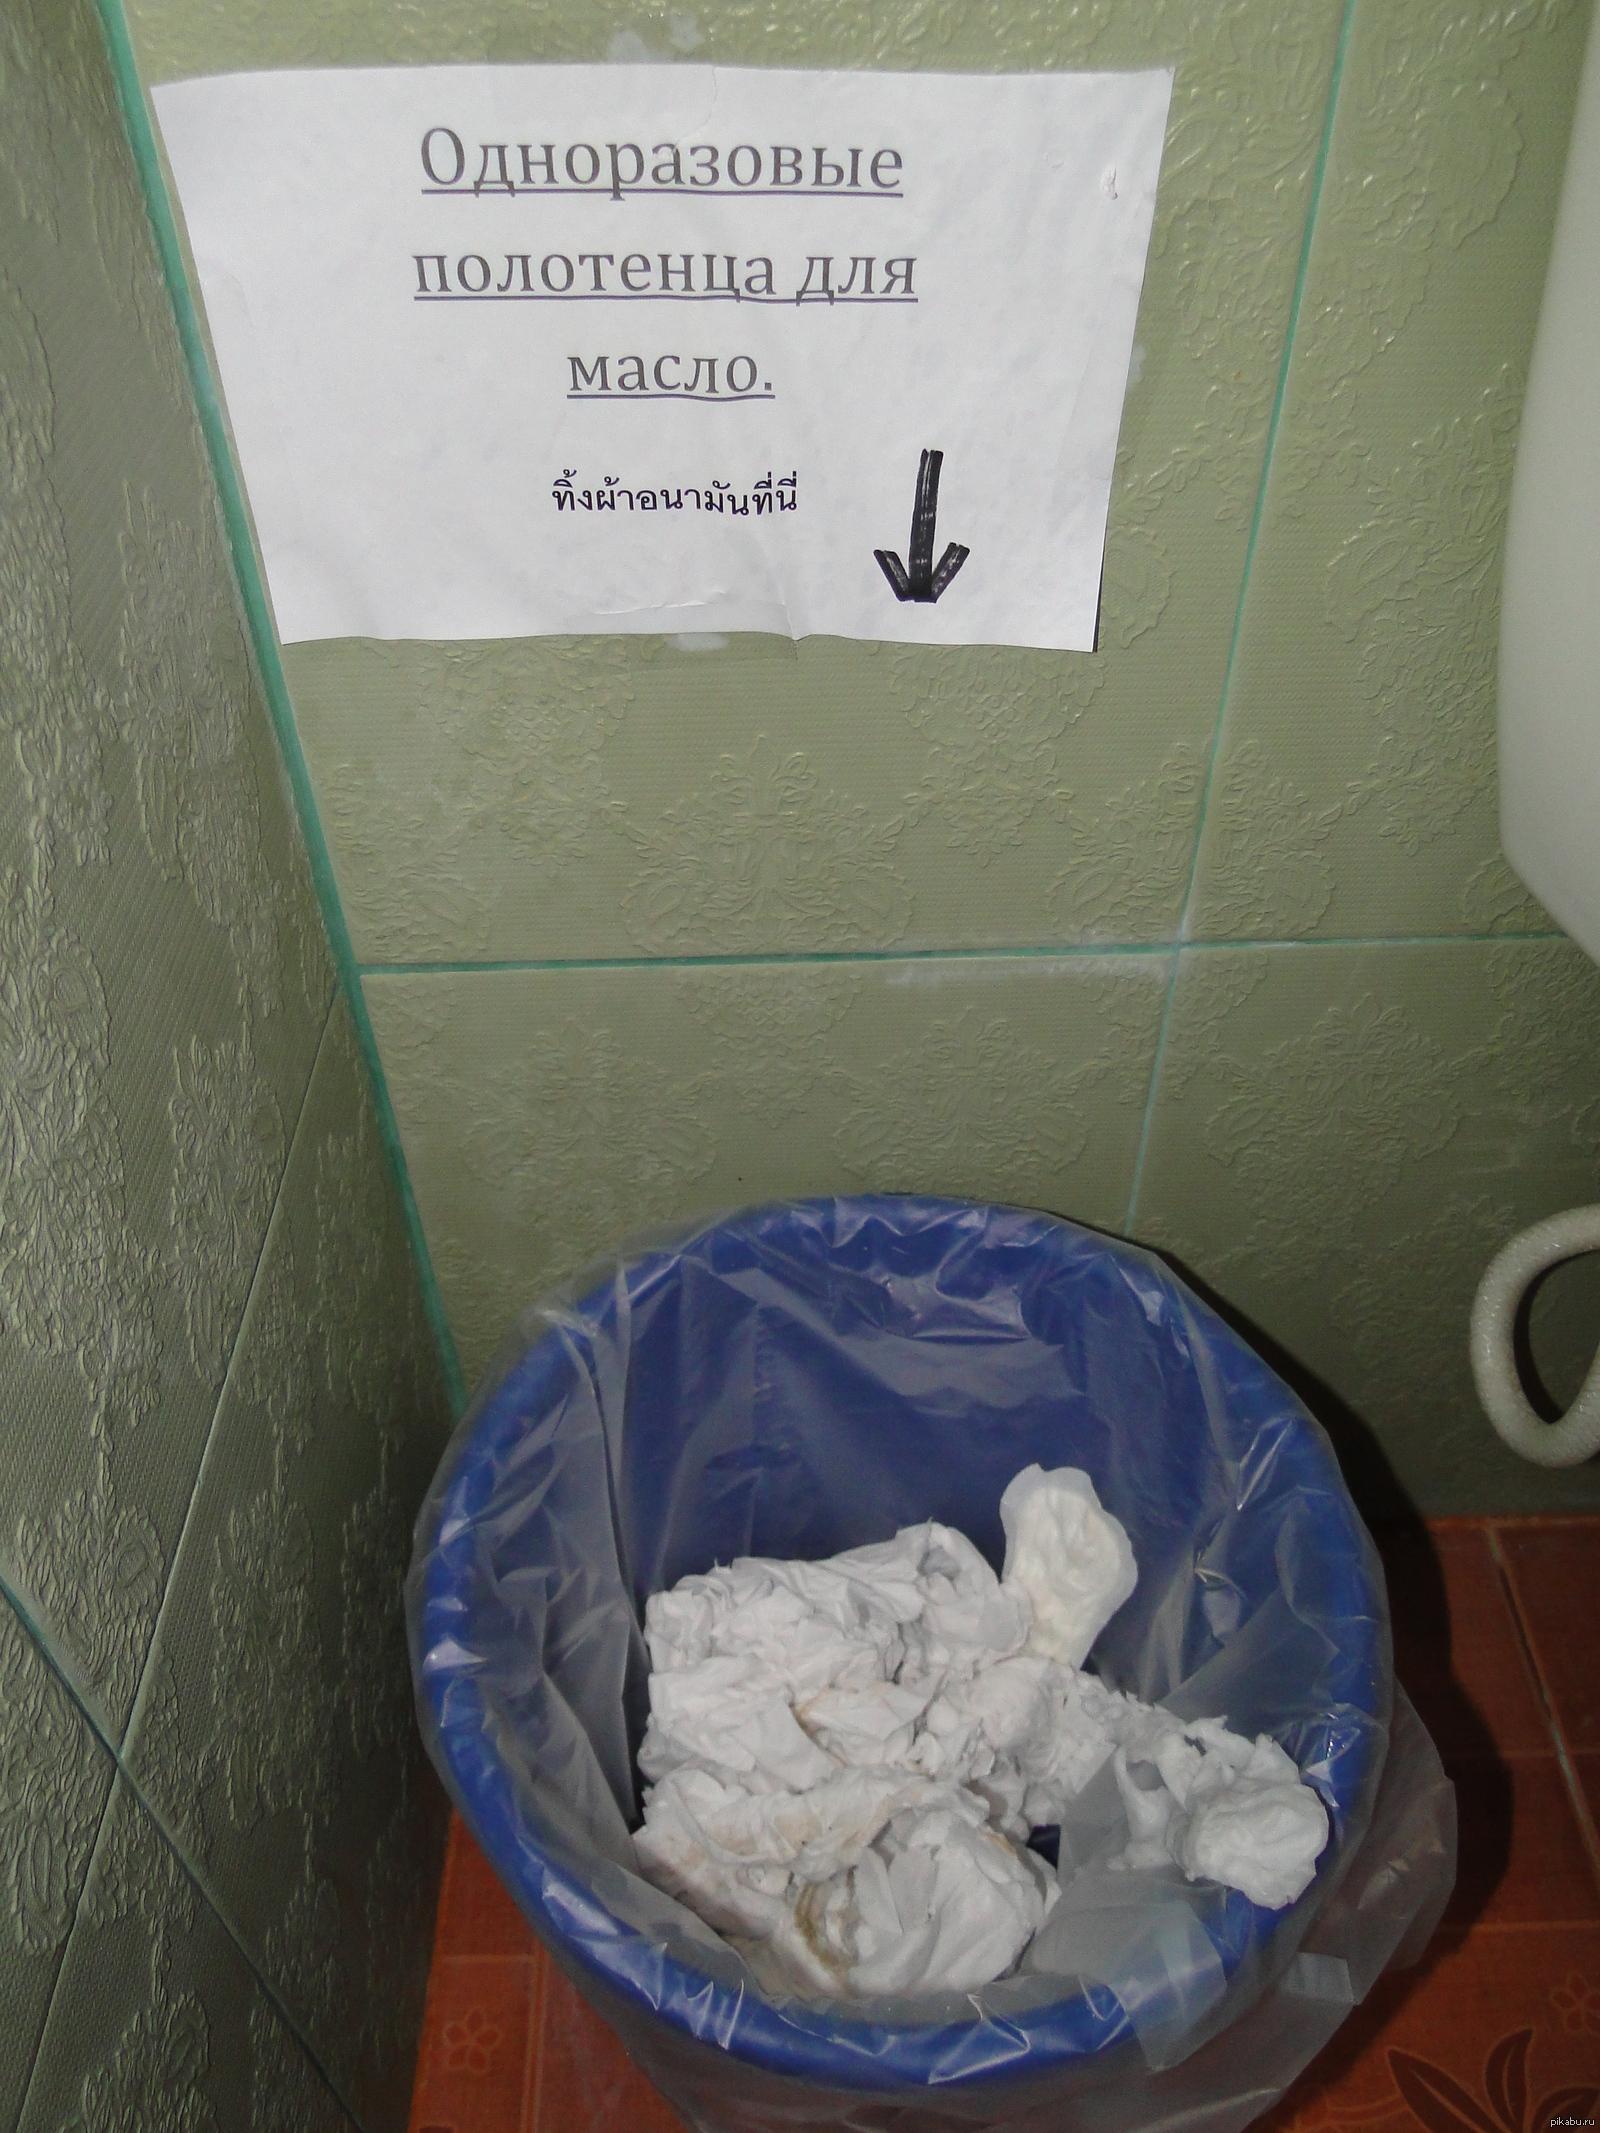 Фото в туалете фото 31 фотография